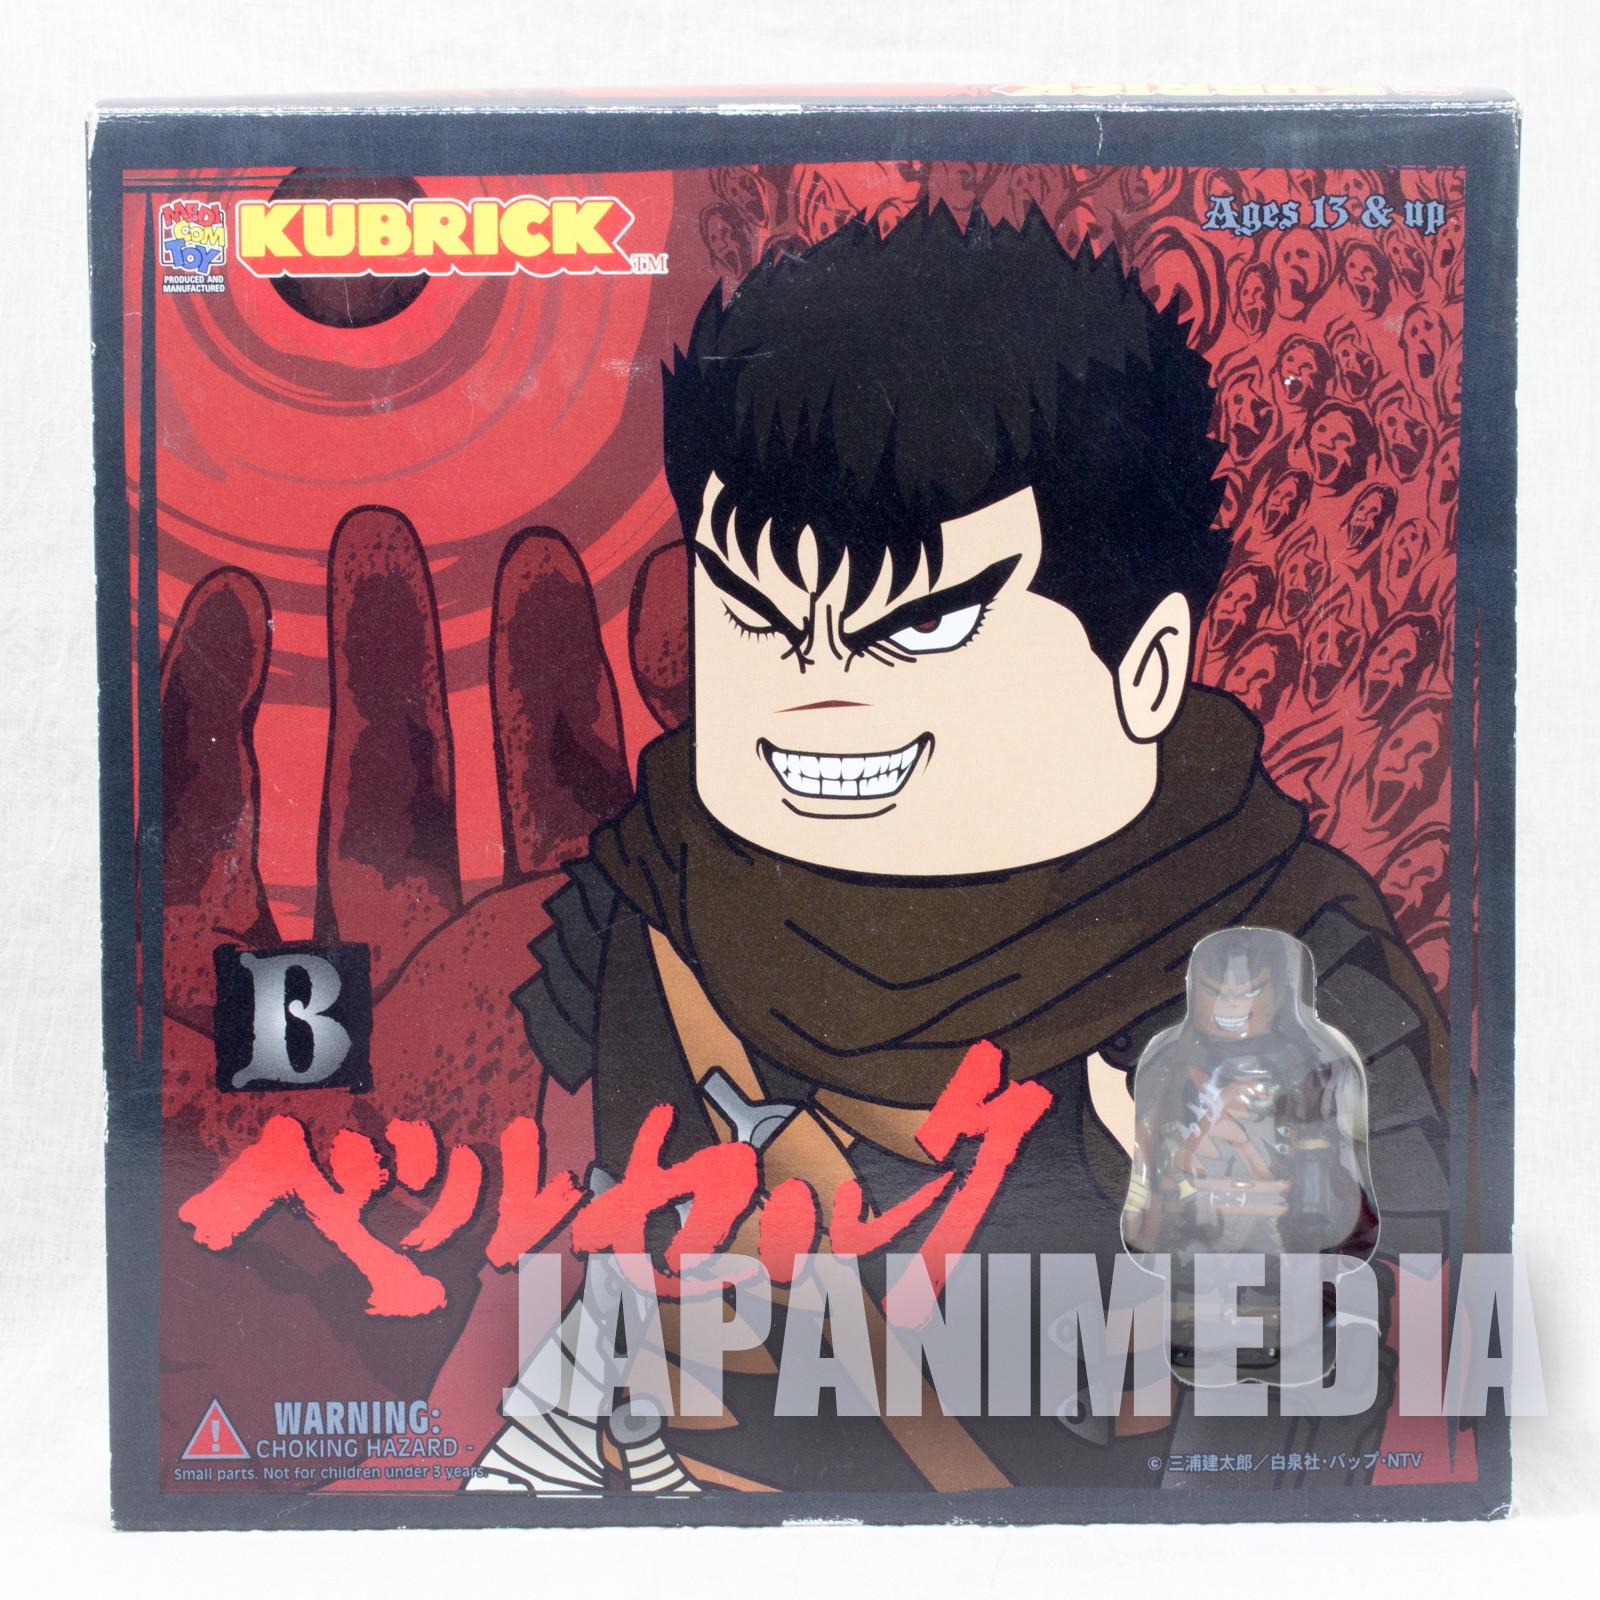 RARE! Berserk Kubrick B Set Medicom Toy Figure JAPAN ANIME MANGA